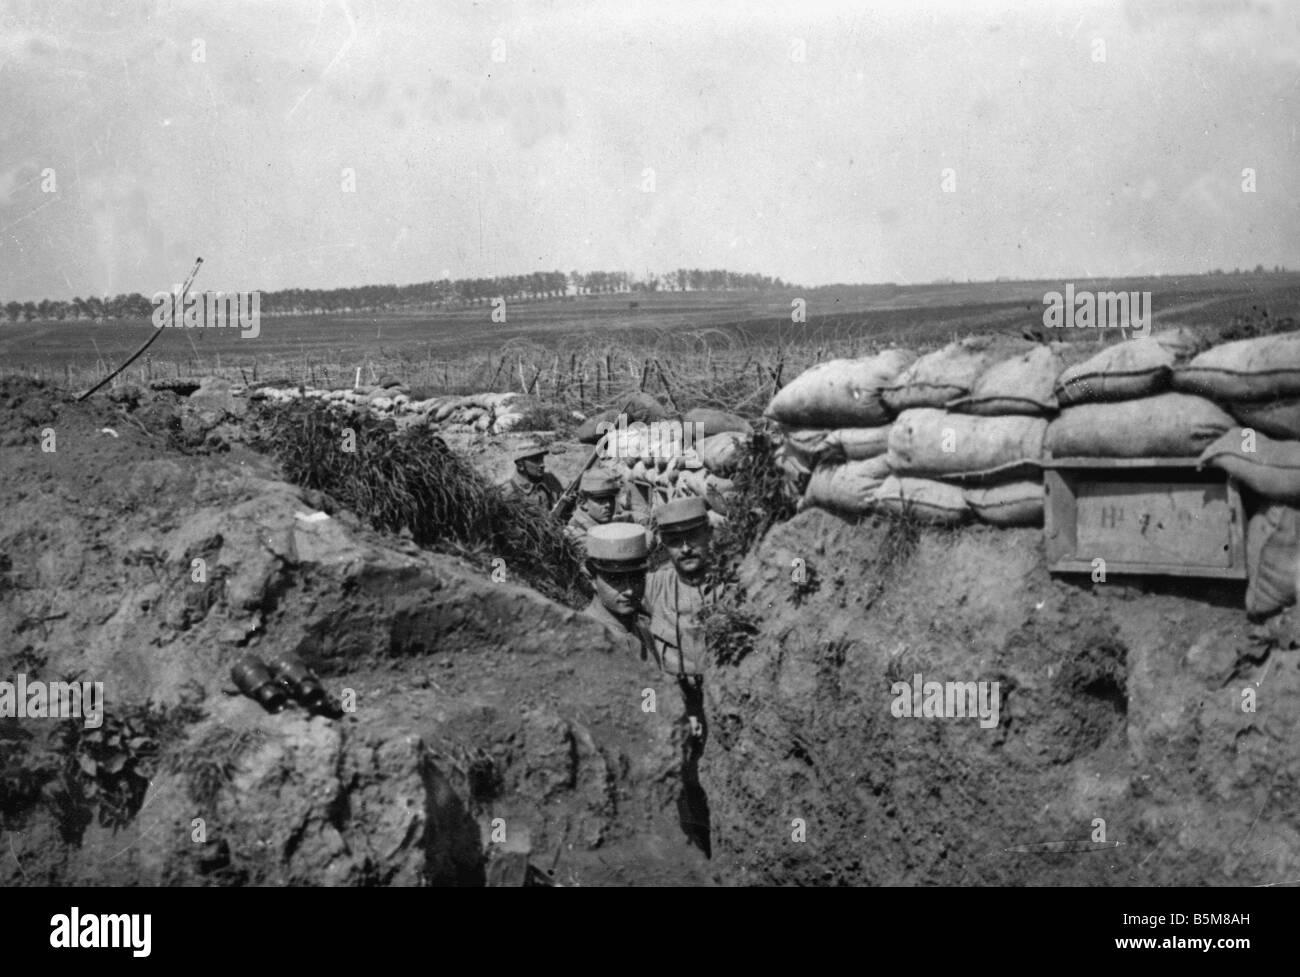 2 G55 F1 1915 14 tranchées français Première Guerre mondiale Première Guerre mondiale Histoire Photo Stock